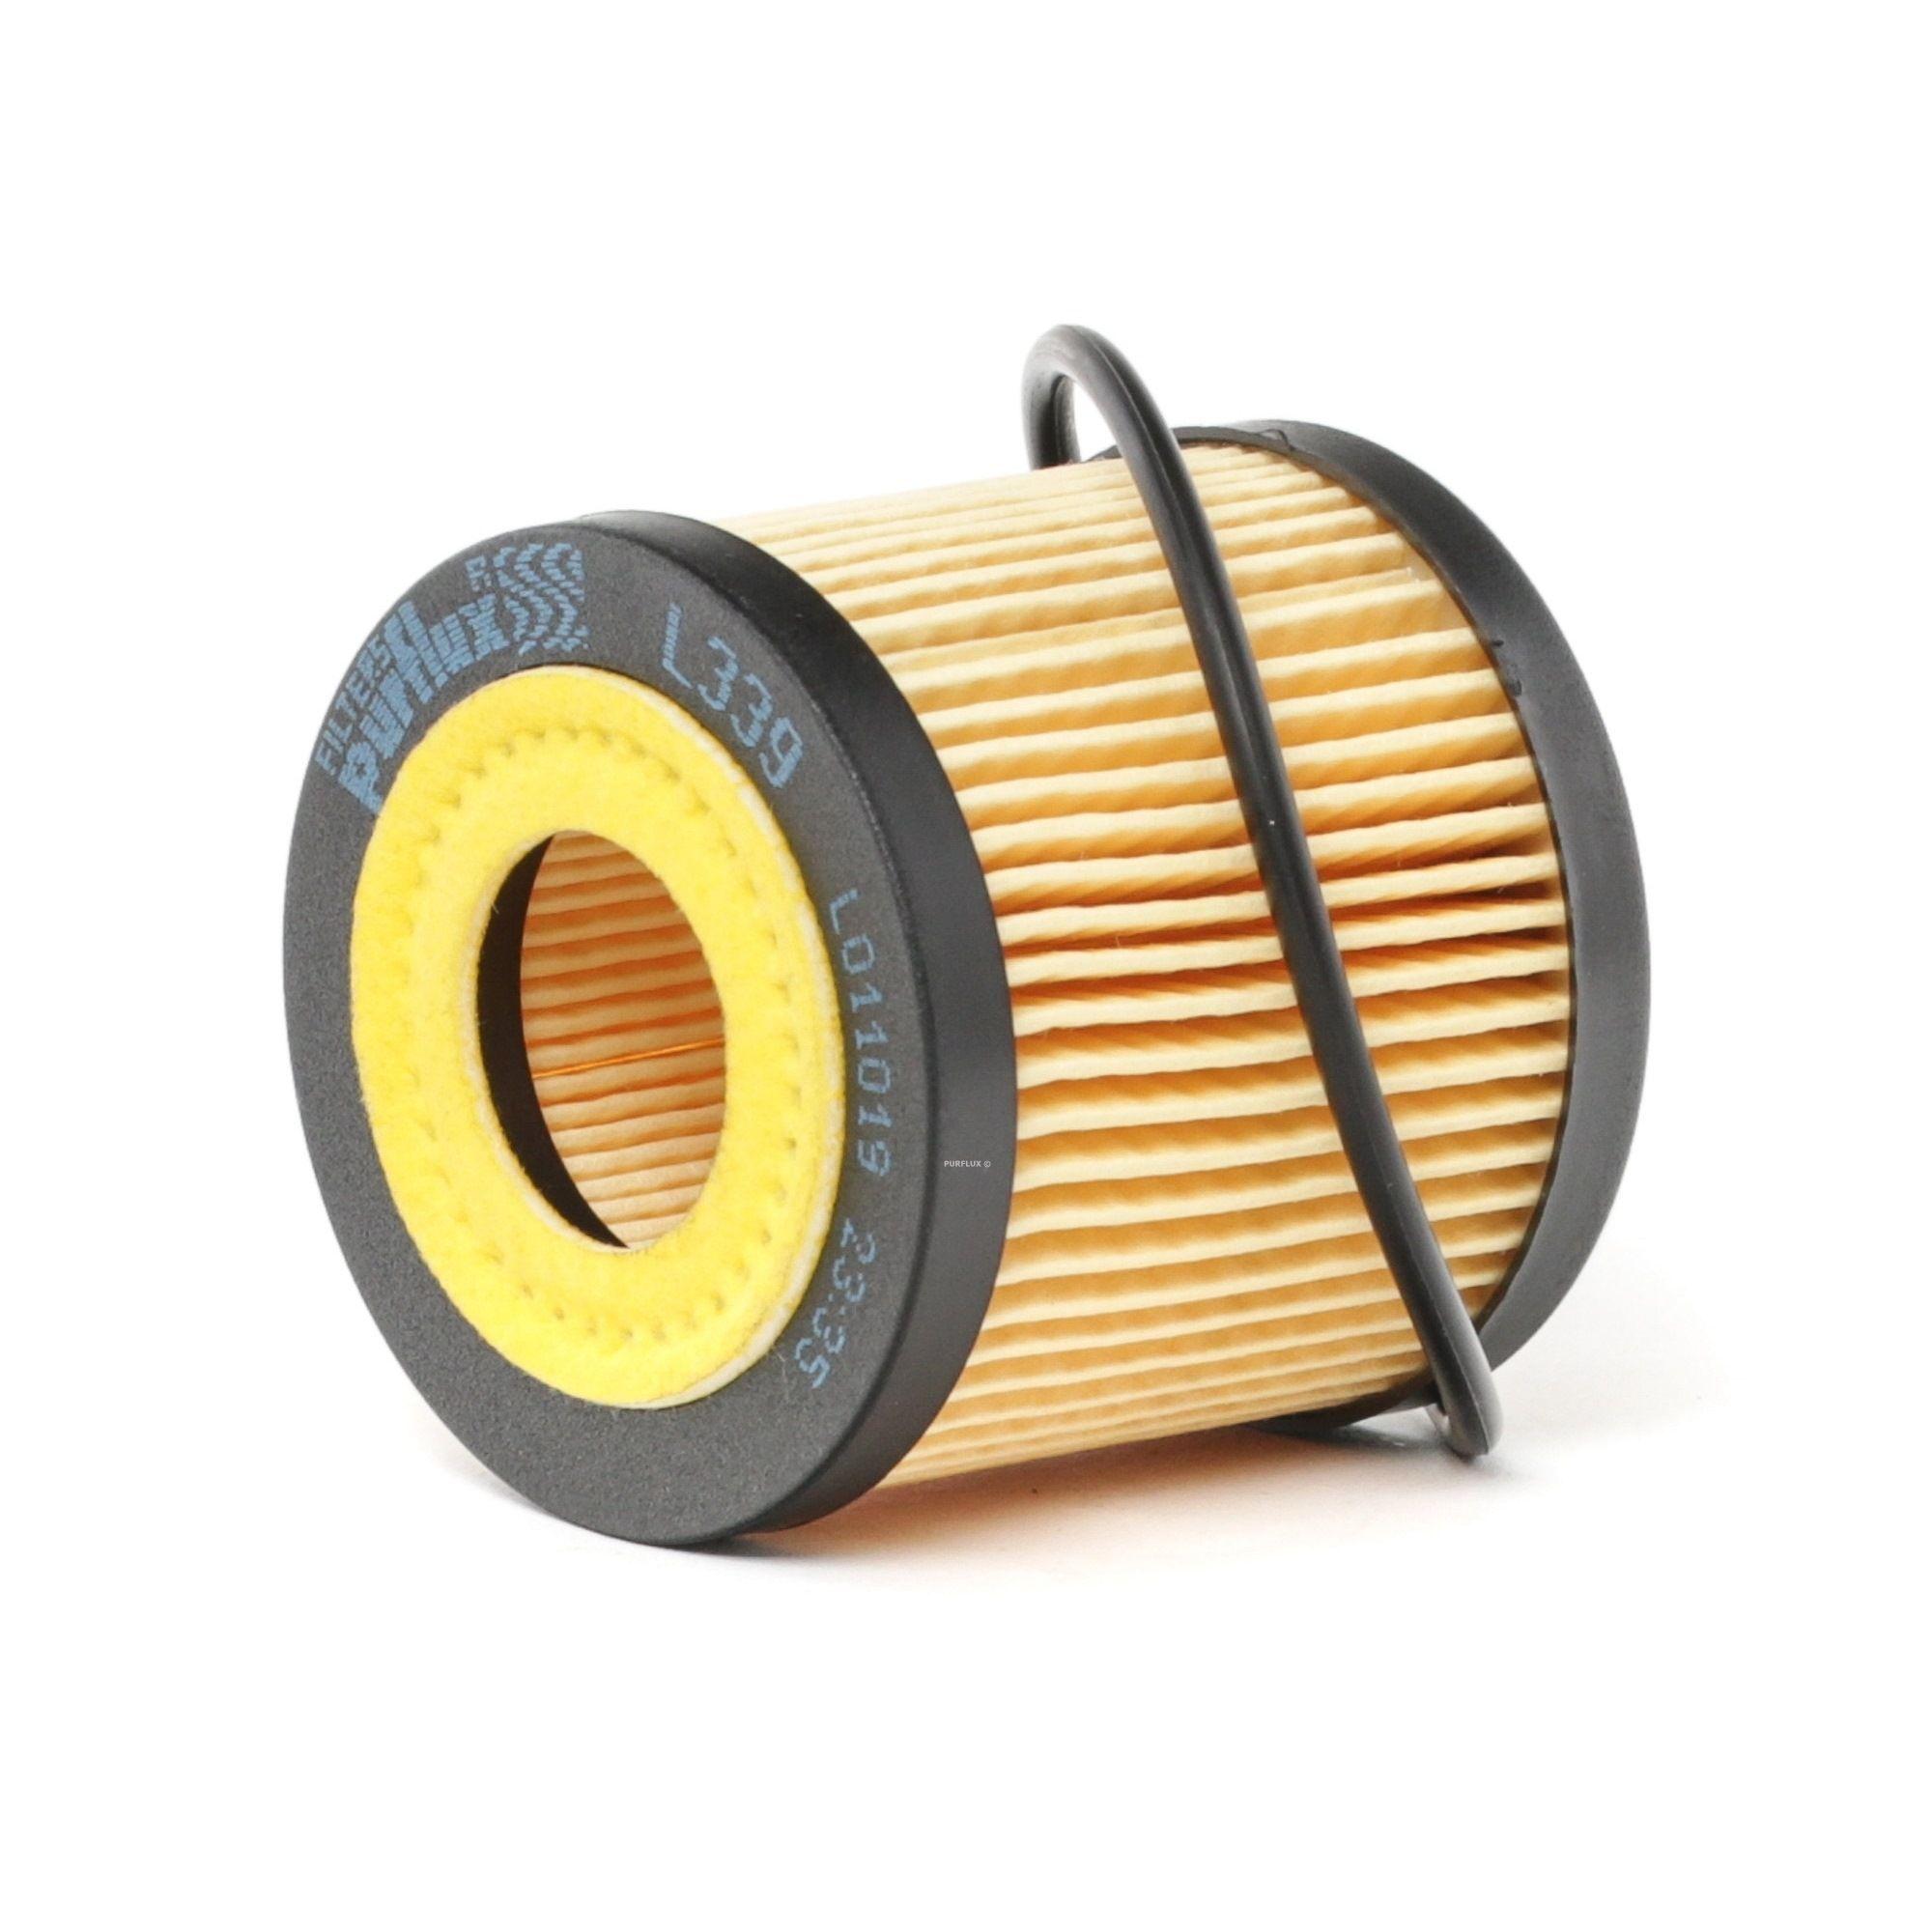 Achetez Filtre à huile PURFLUX L339 (Diamètre intérieur: 31mm, Ø: 64mm, Hauteur: 62mm) à un rapport qualité-prix exceptionnel